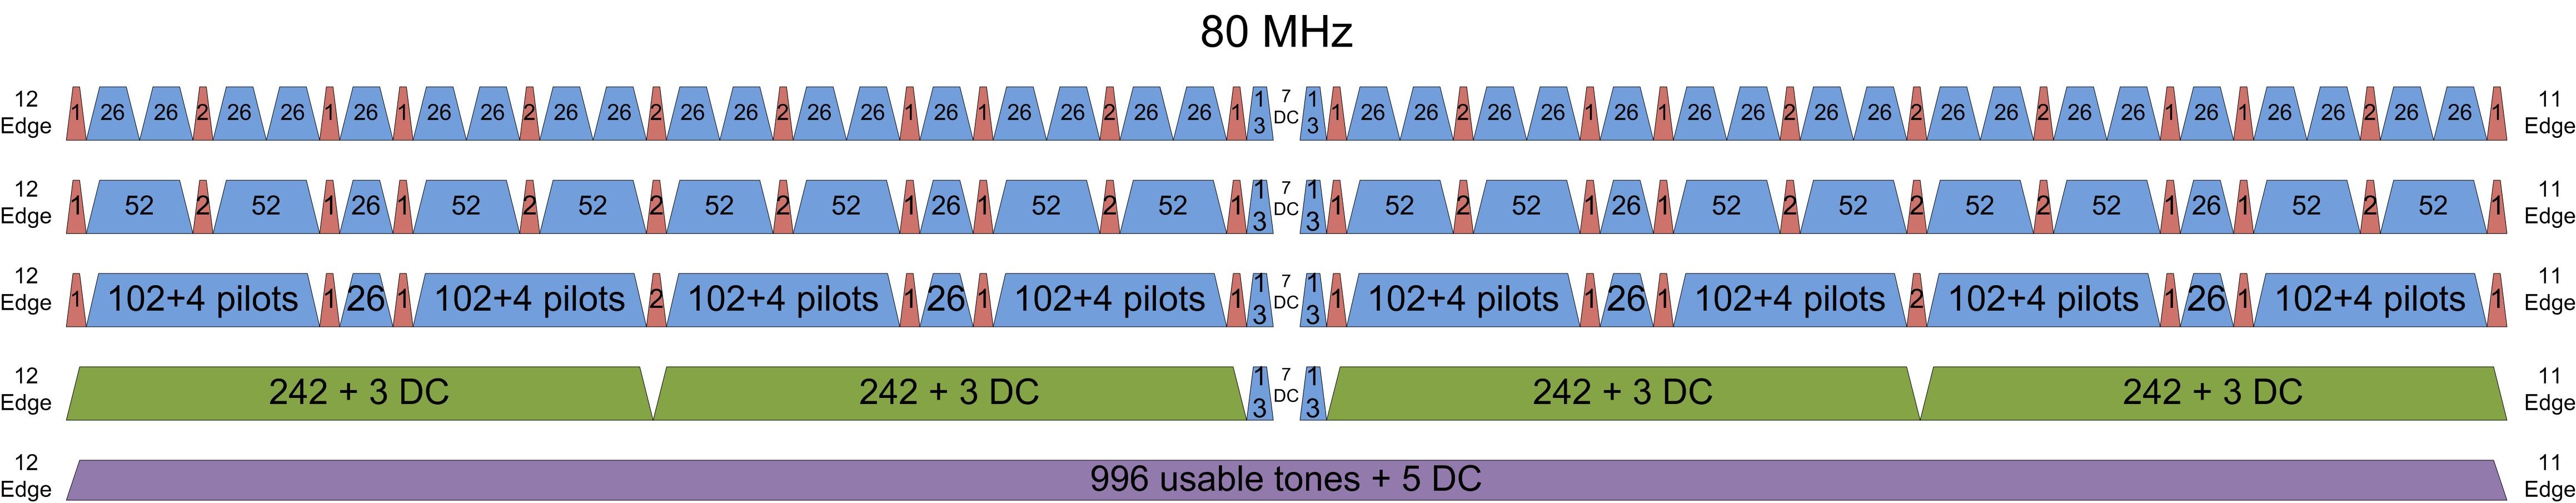 高効率な無線LAN規格、IEEE 802.11axの概要 - National Instruments